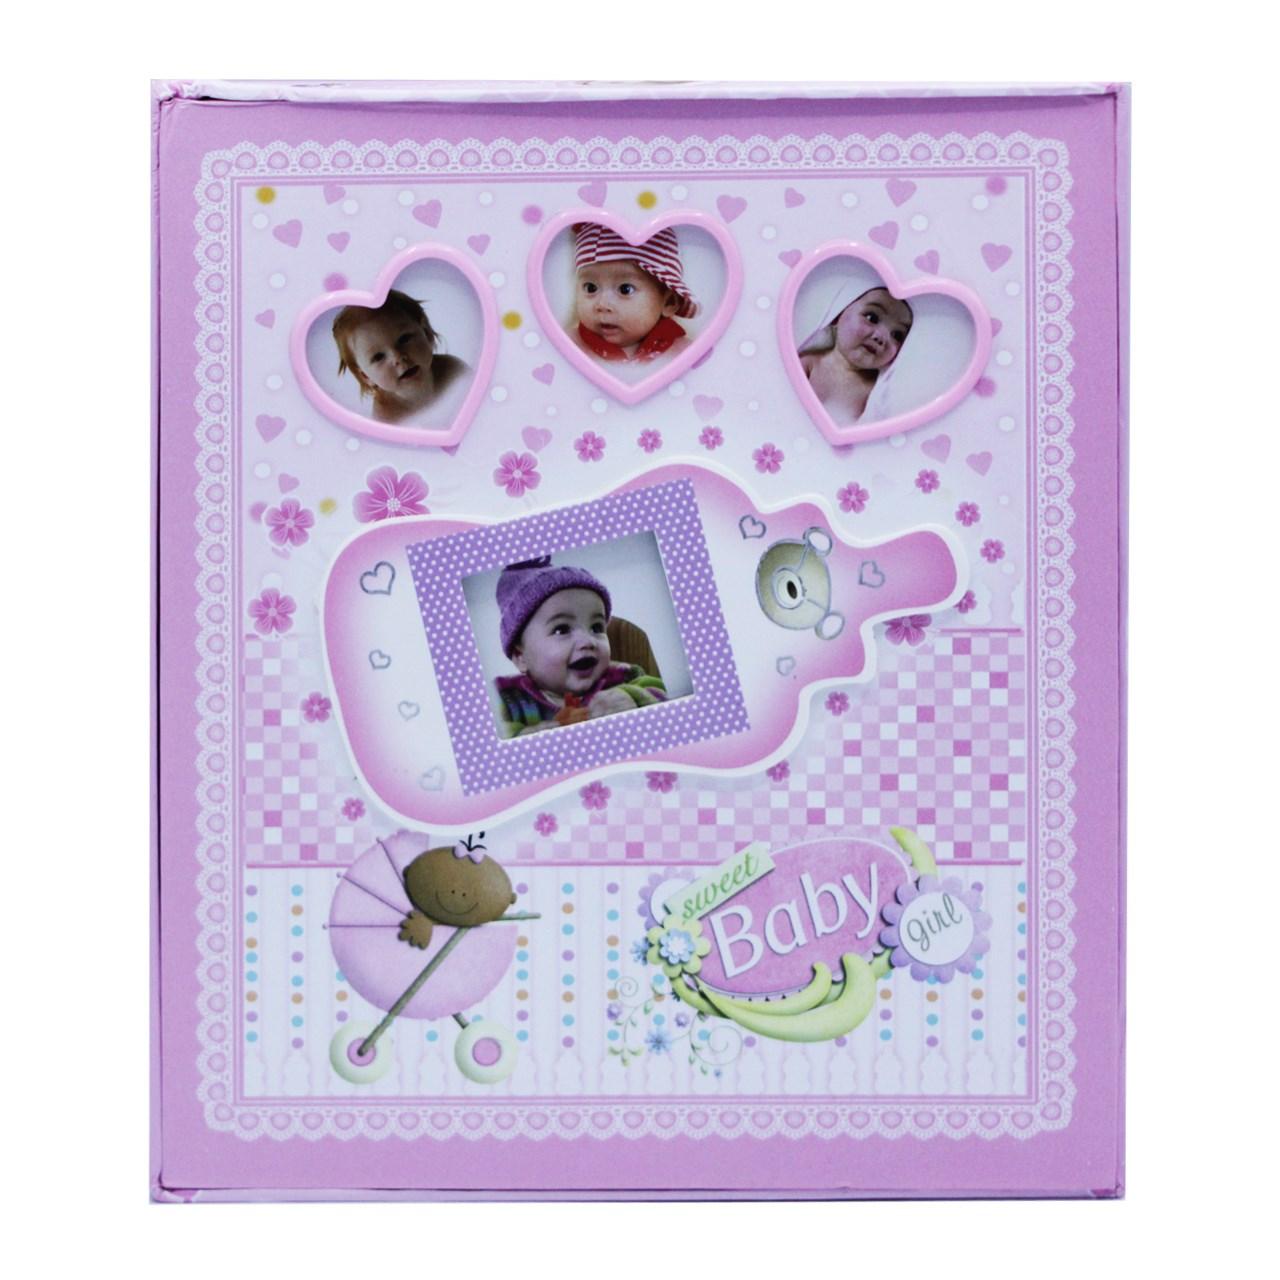 آلبوم عکس کینو فیت مدل Baby Story کد 6004